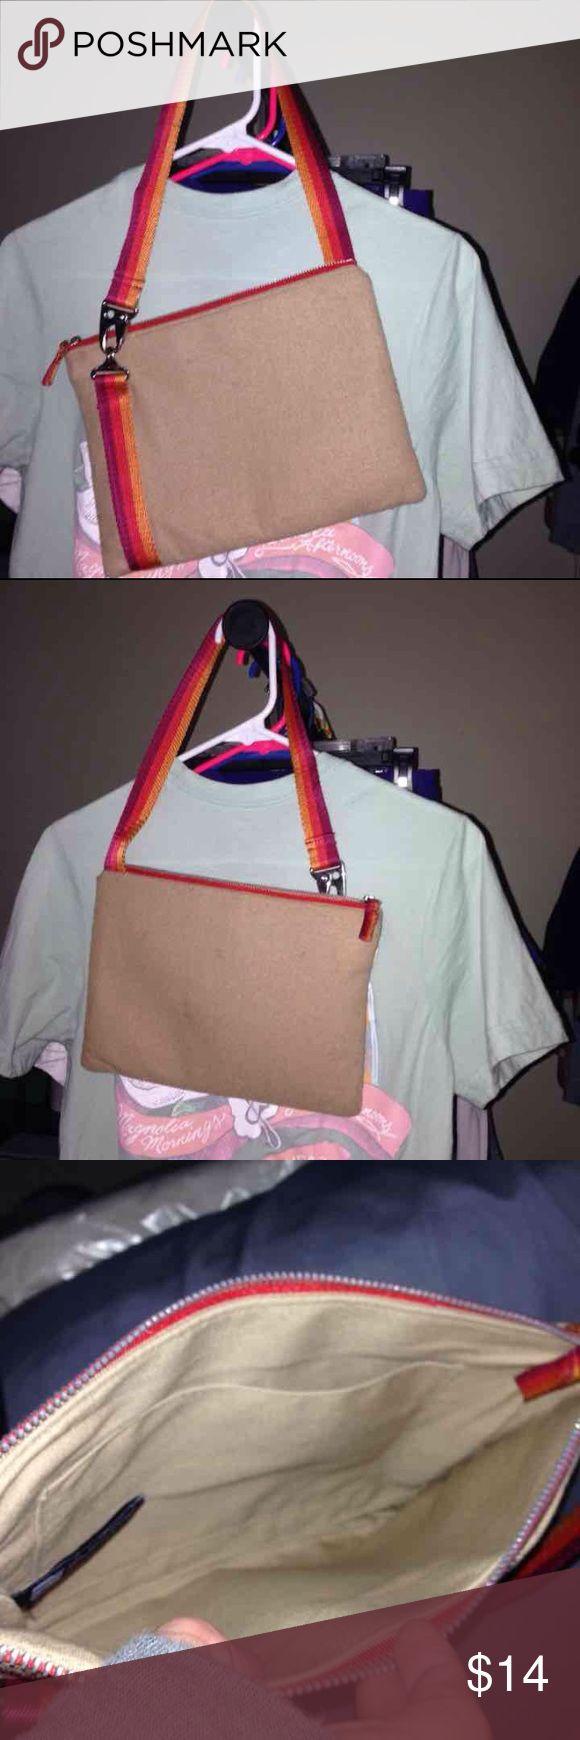 Gap bag Gap bag GAP Bags